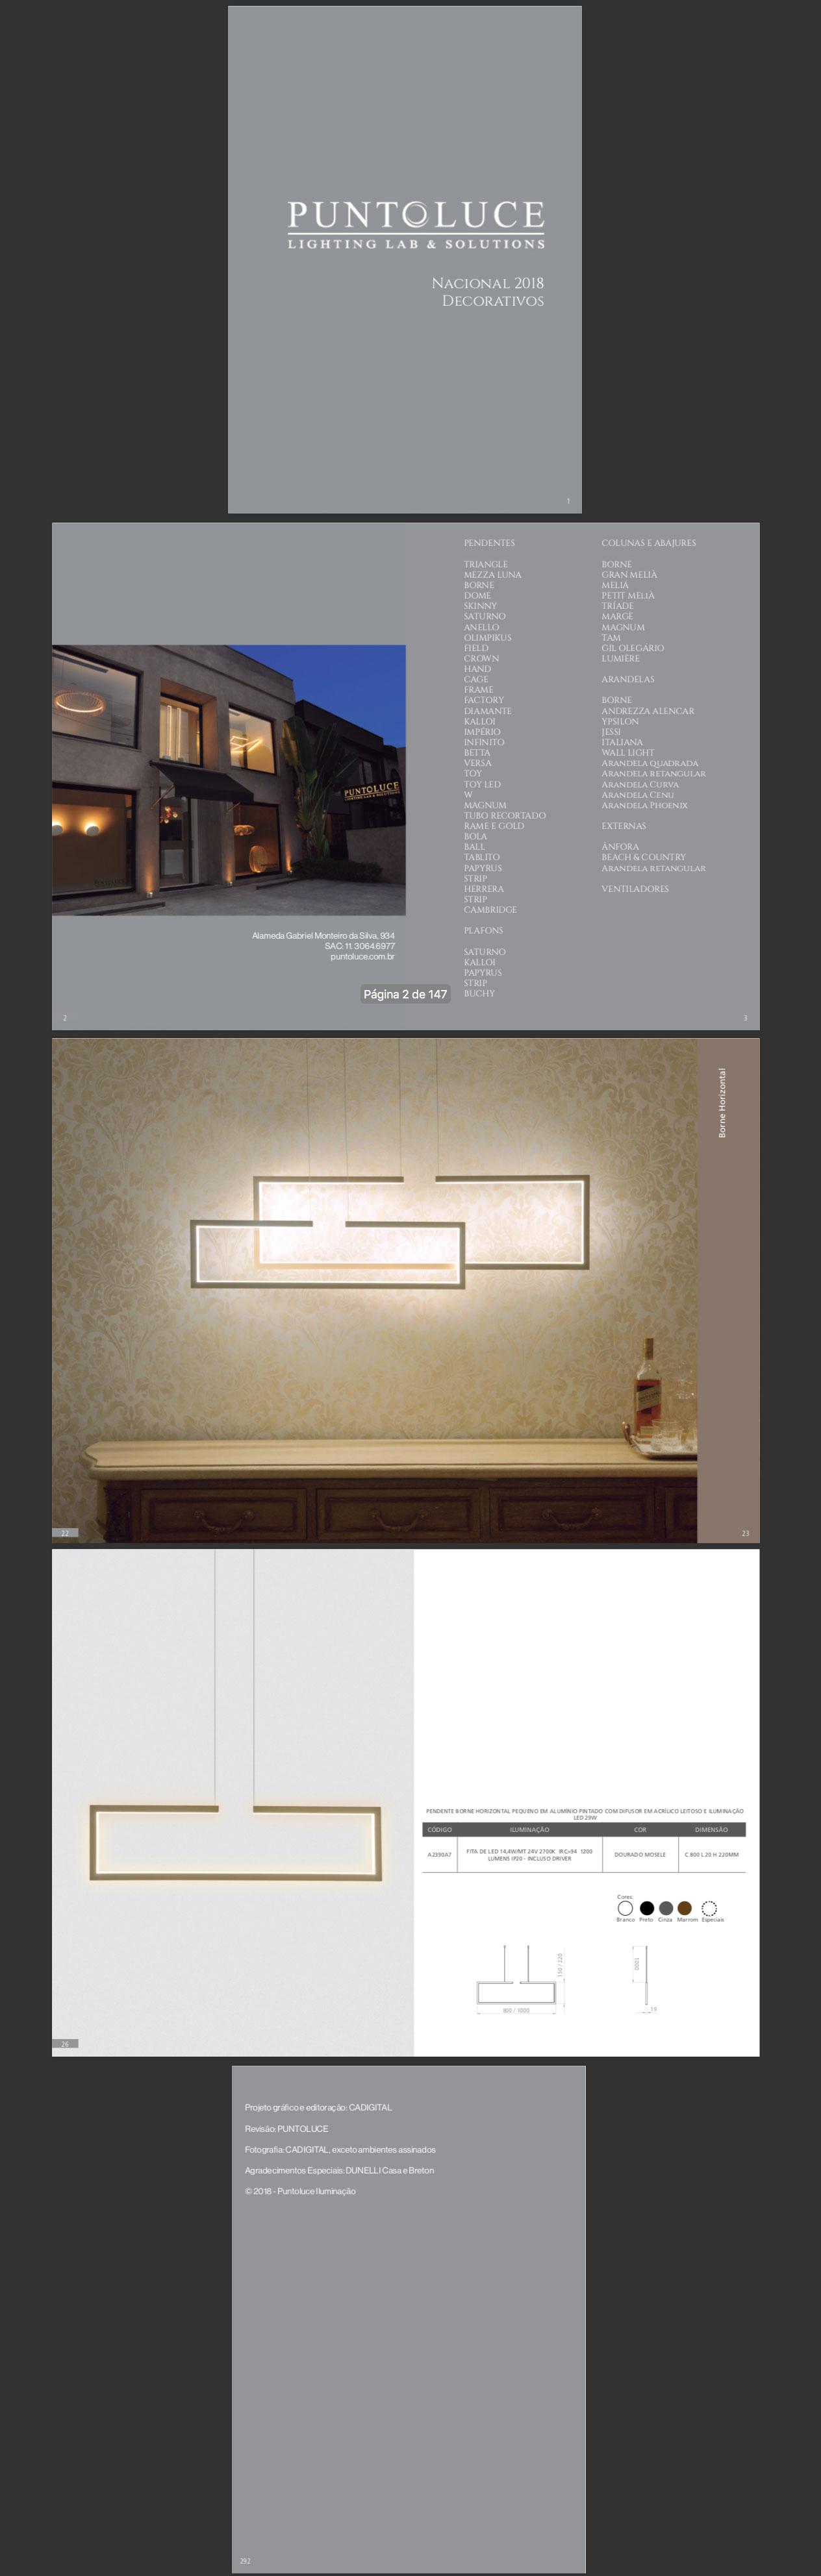 catálogo digital puntoluce iluminação 2018 trabalho cadigital